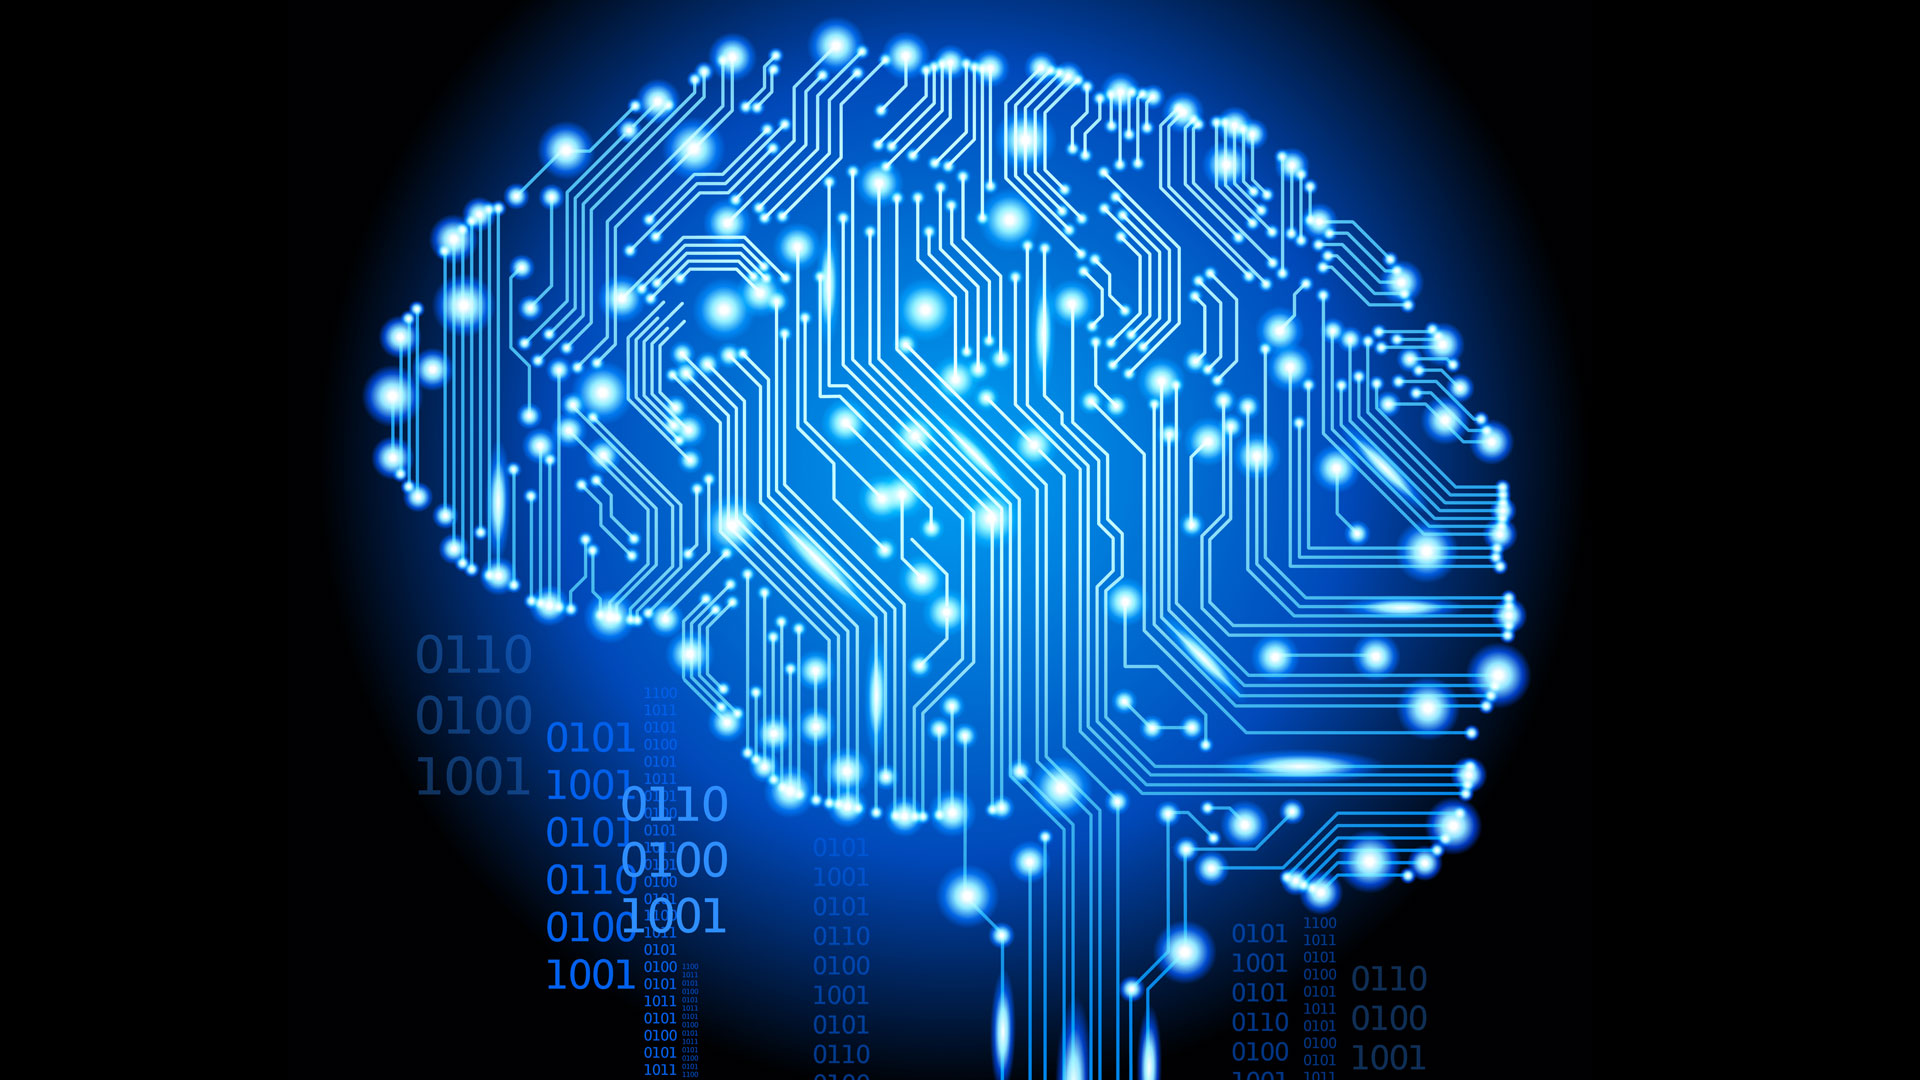 Les robo-advisor révolutionnent la gestion de patrimoine